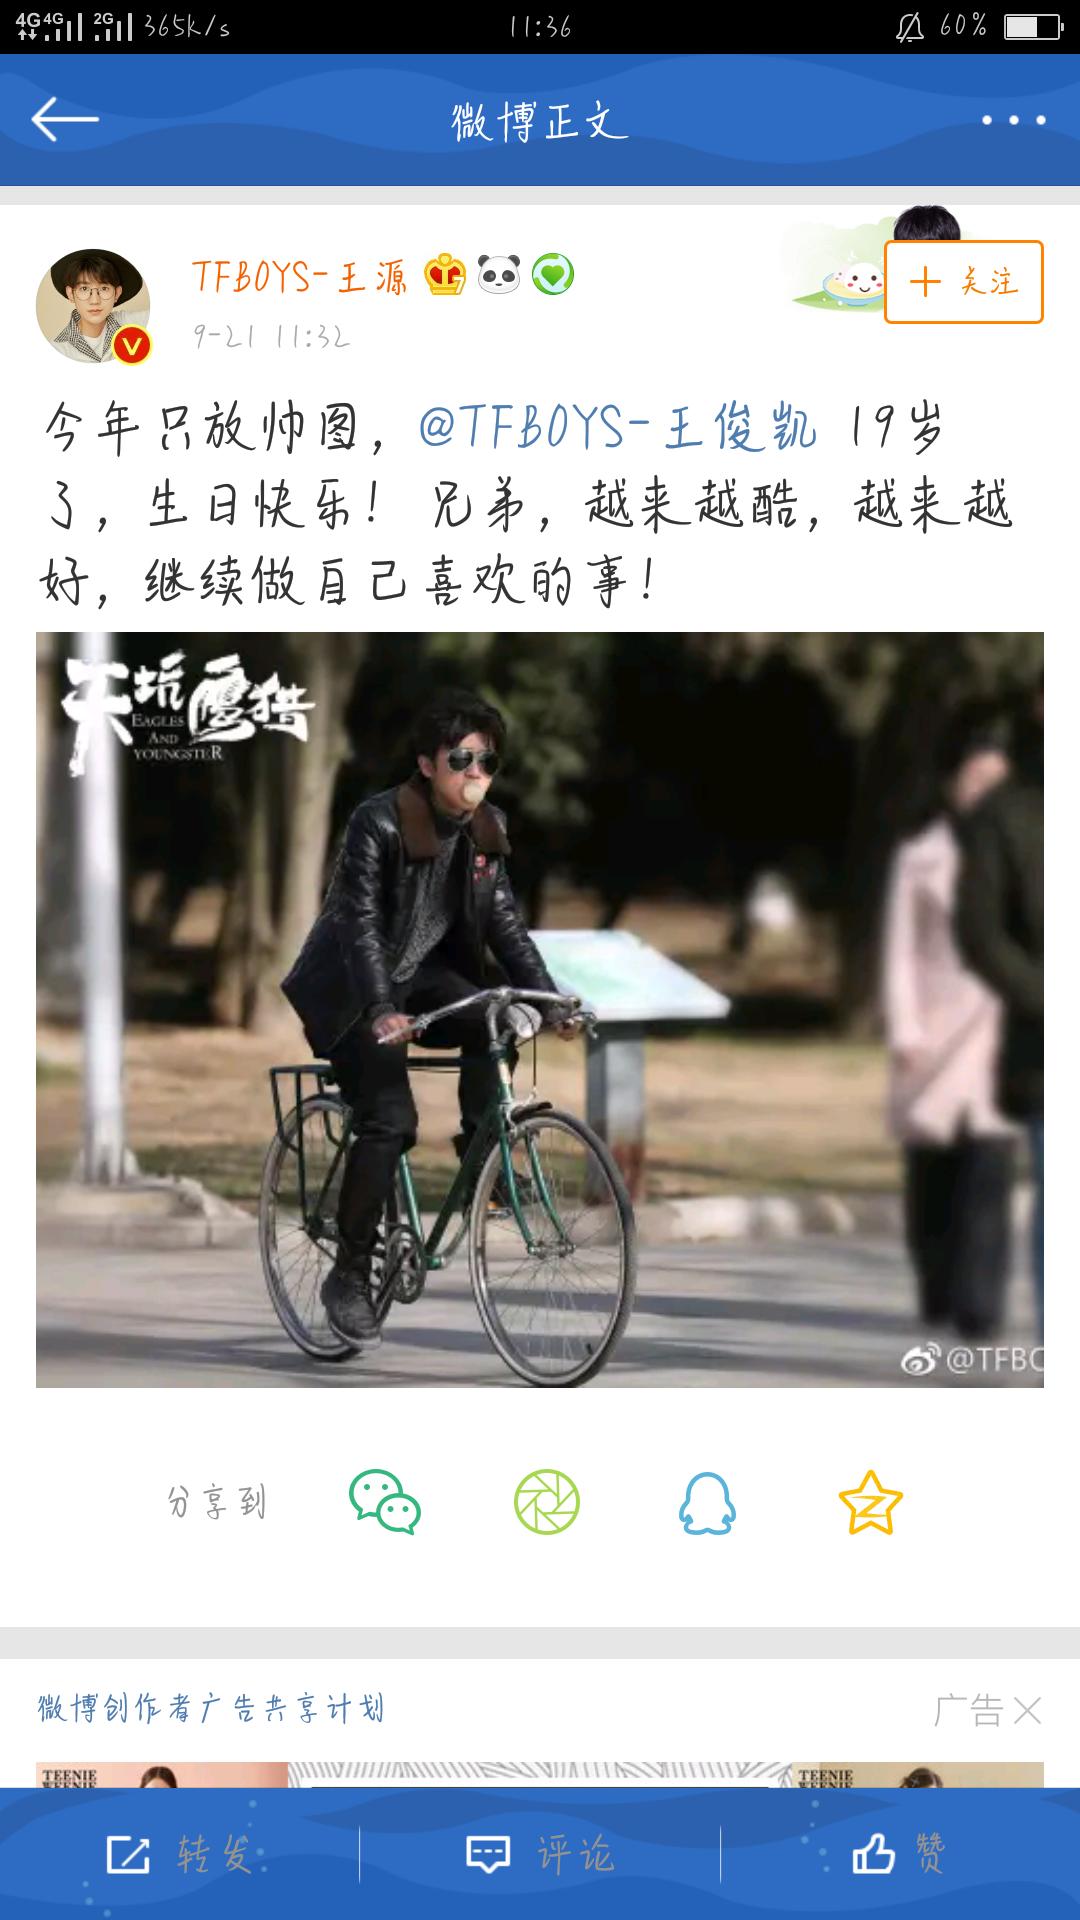 [新闻]180921 王源更博送祝福  王俊凯生日快乐